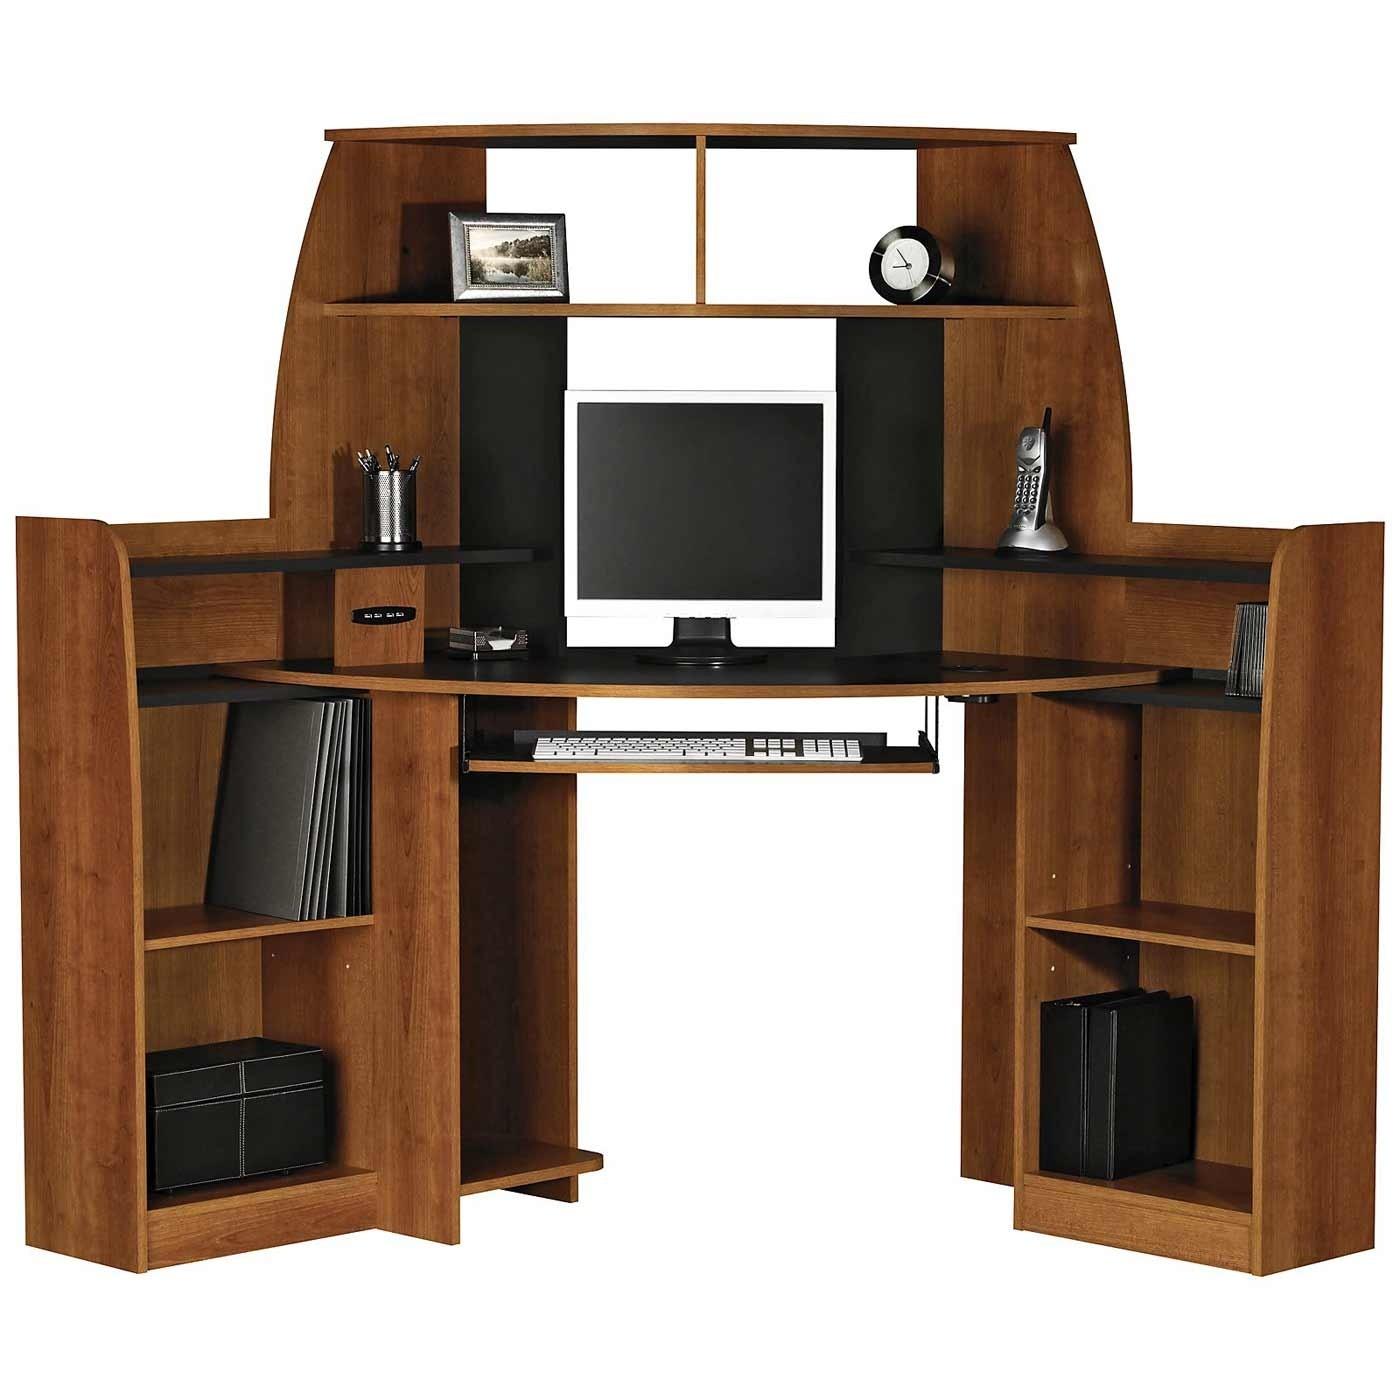 Desk With Shelves On Side